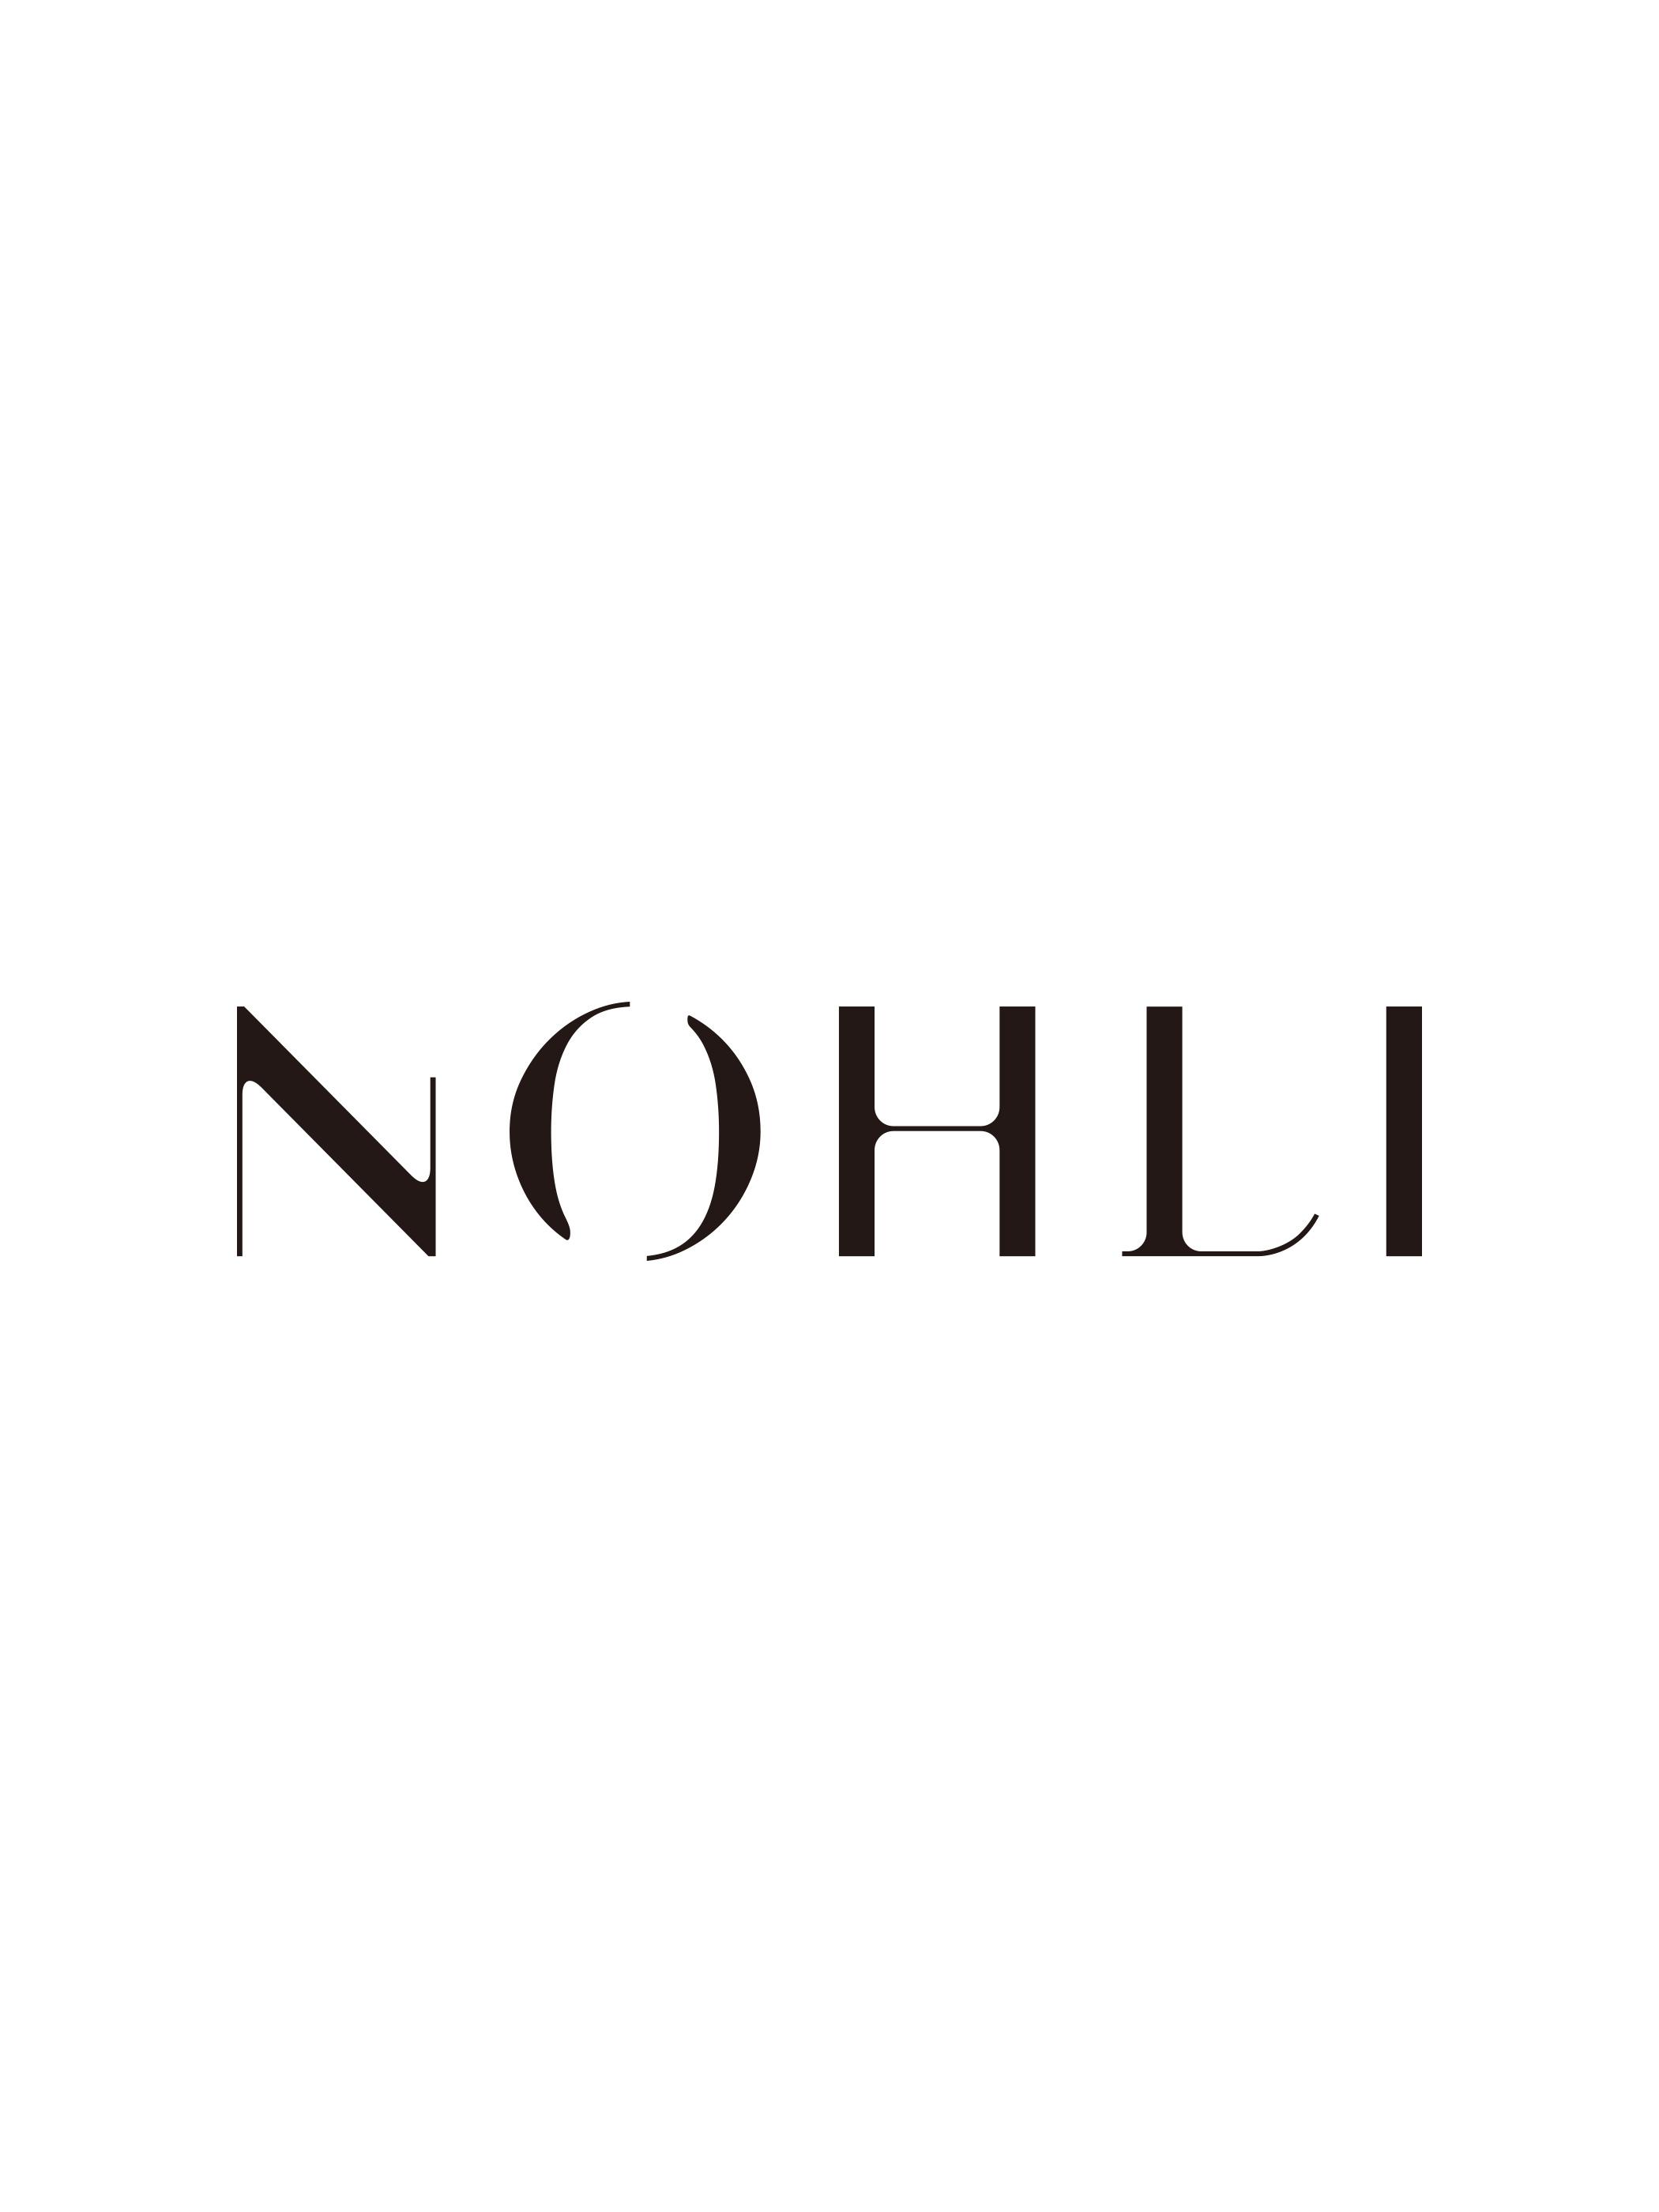 Nohli s